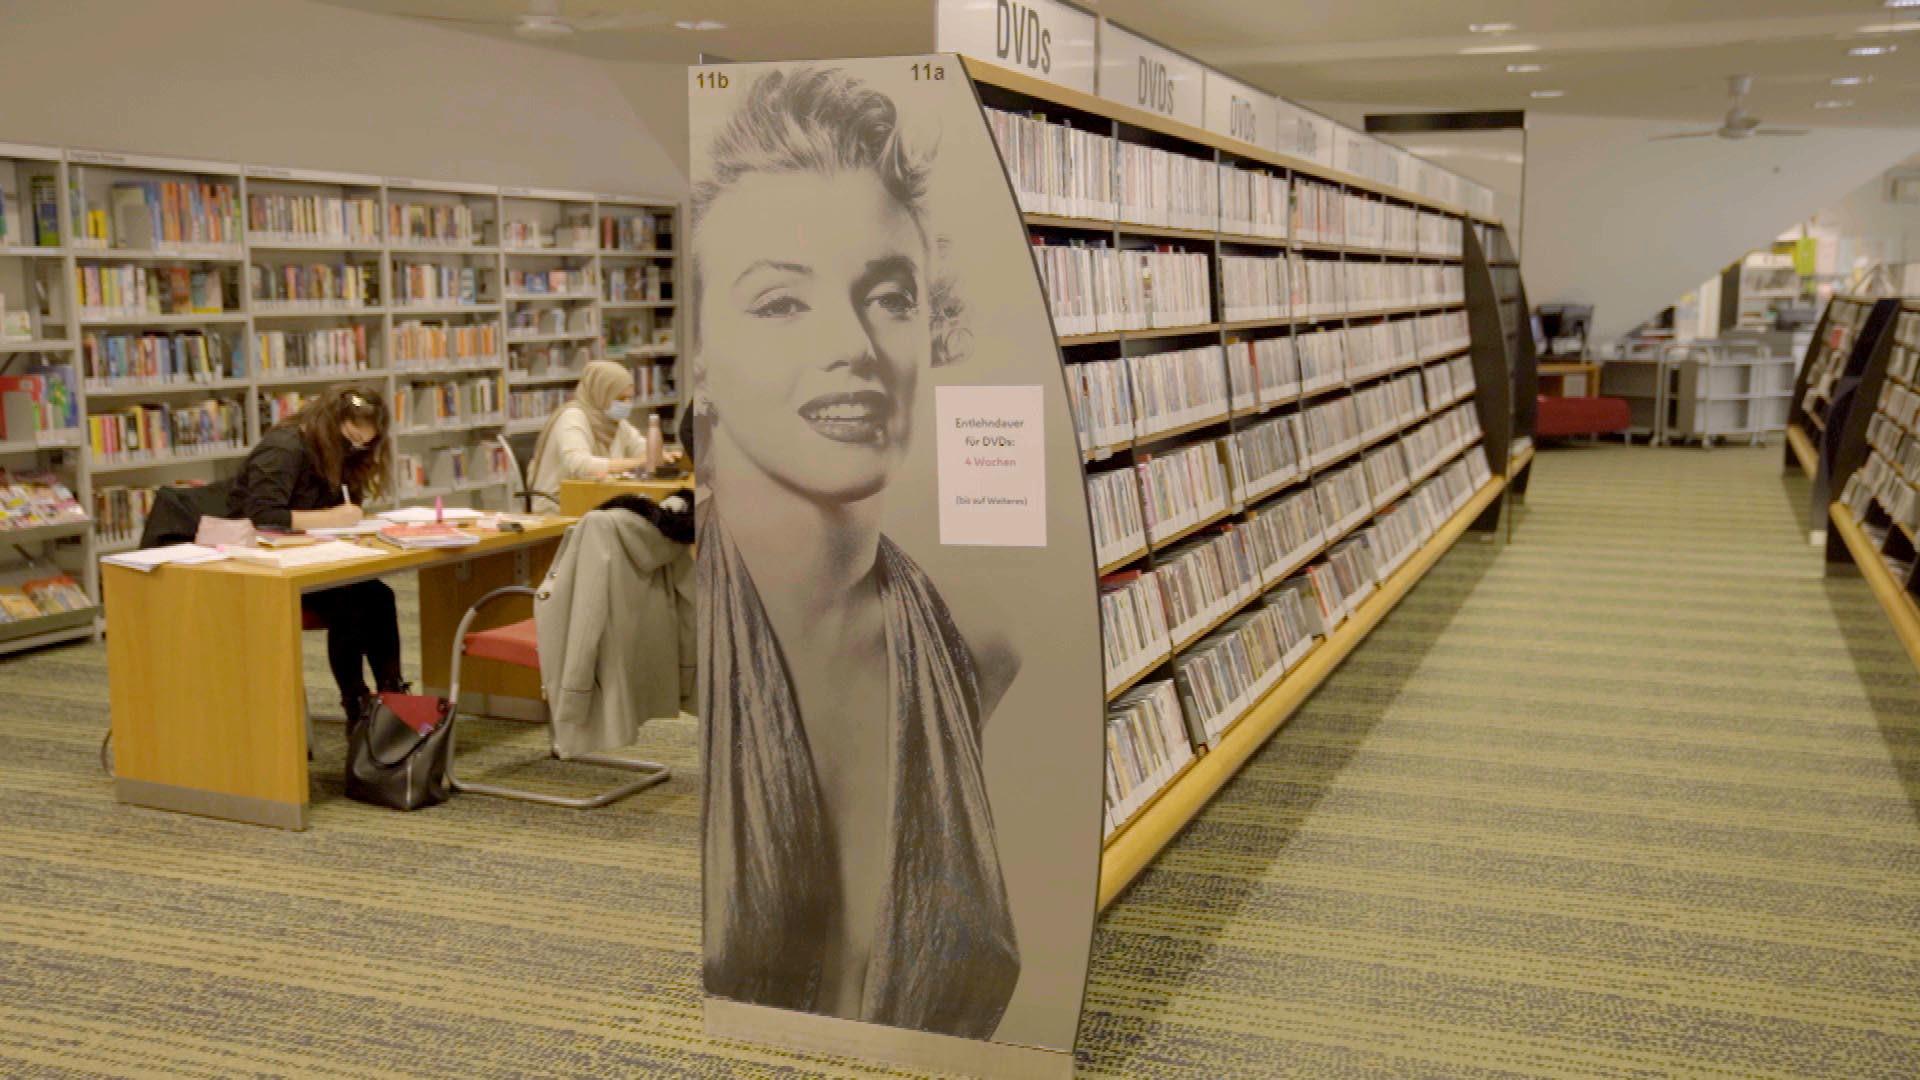 14 ÖB Büchereien